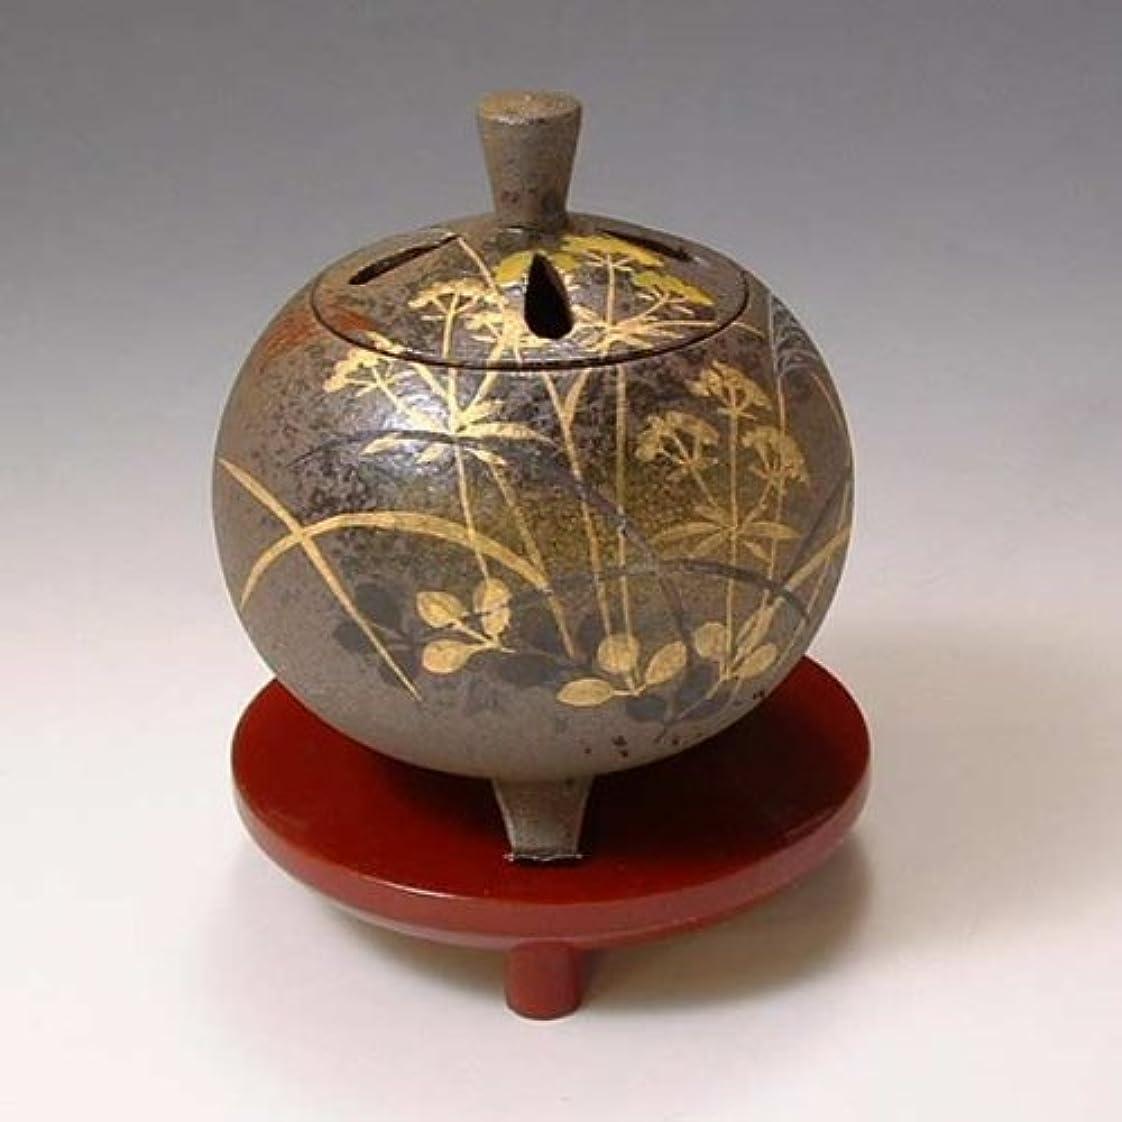 イルブロッサムイサカYXM164 清水焼 京焼 香炉(朱台付) ギフト 武蔵野 むさしの